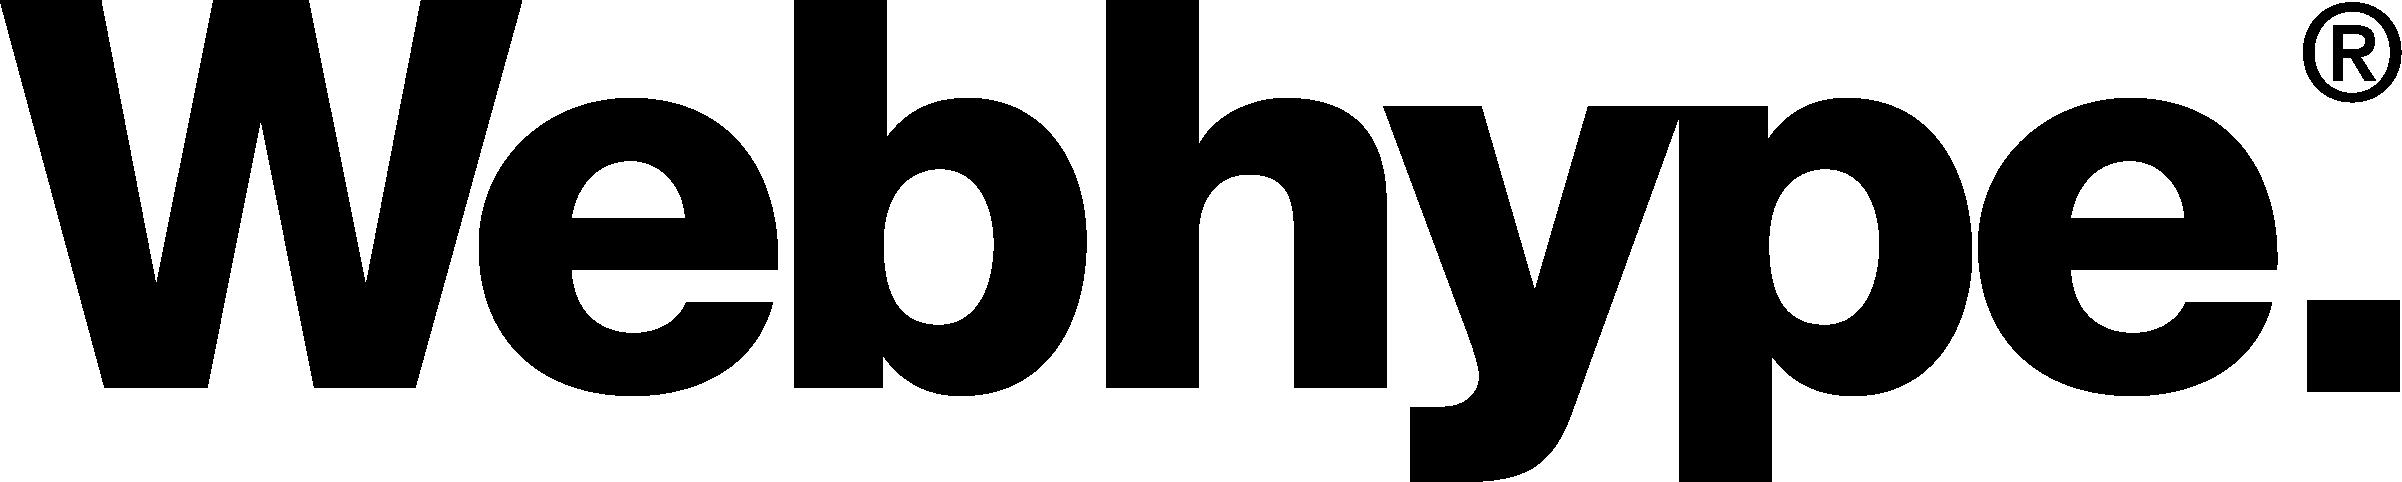 webhype logo large